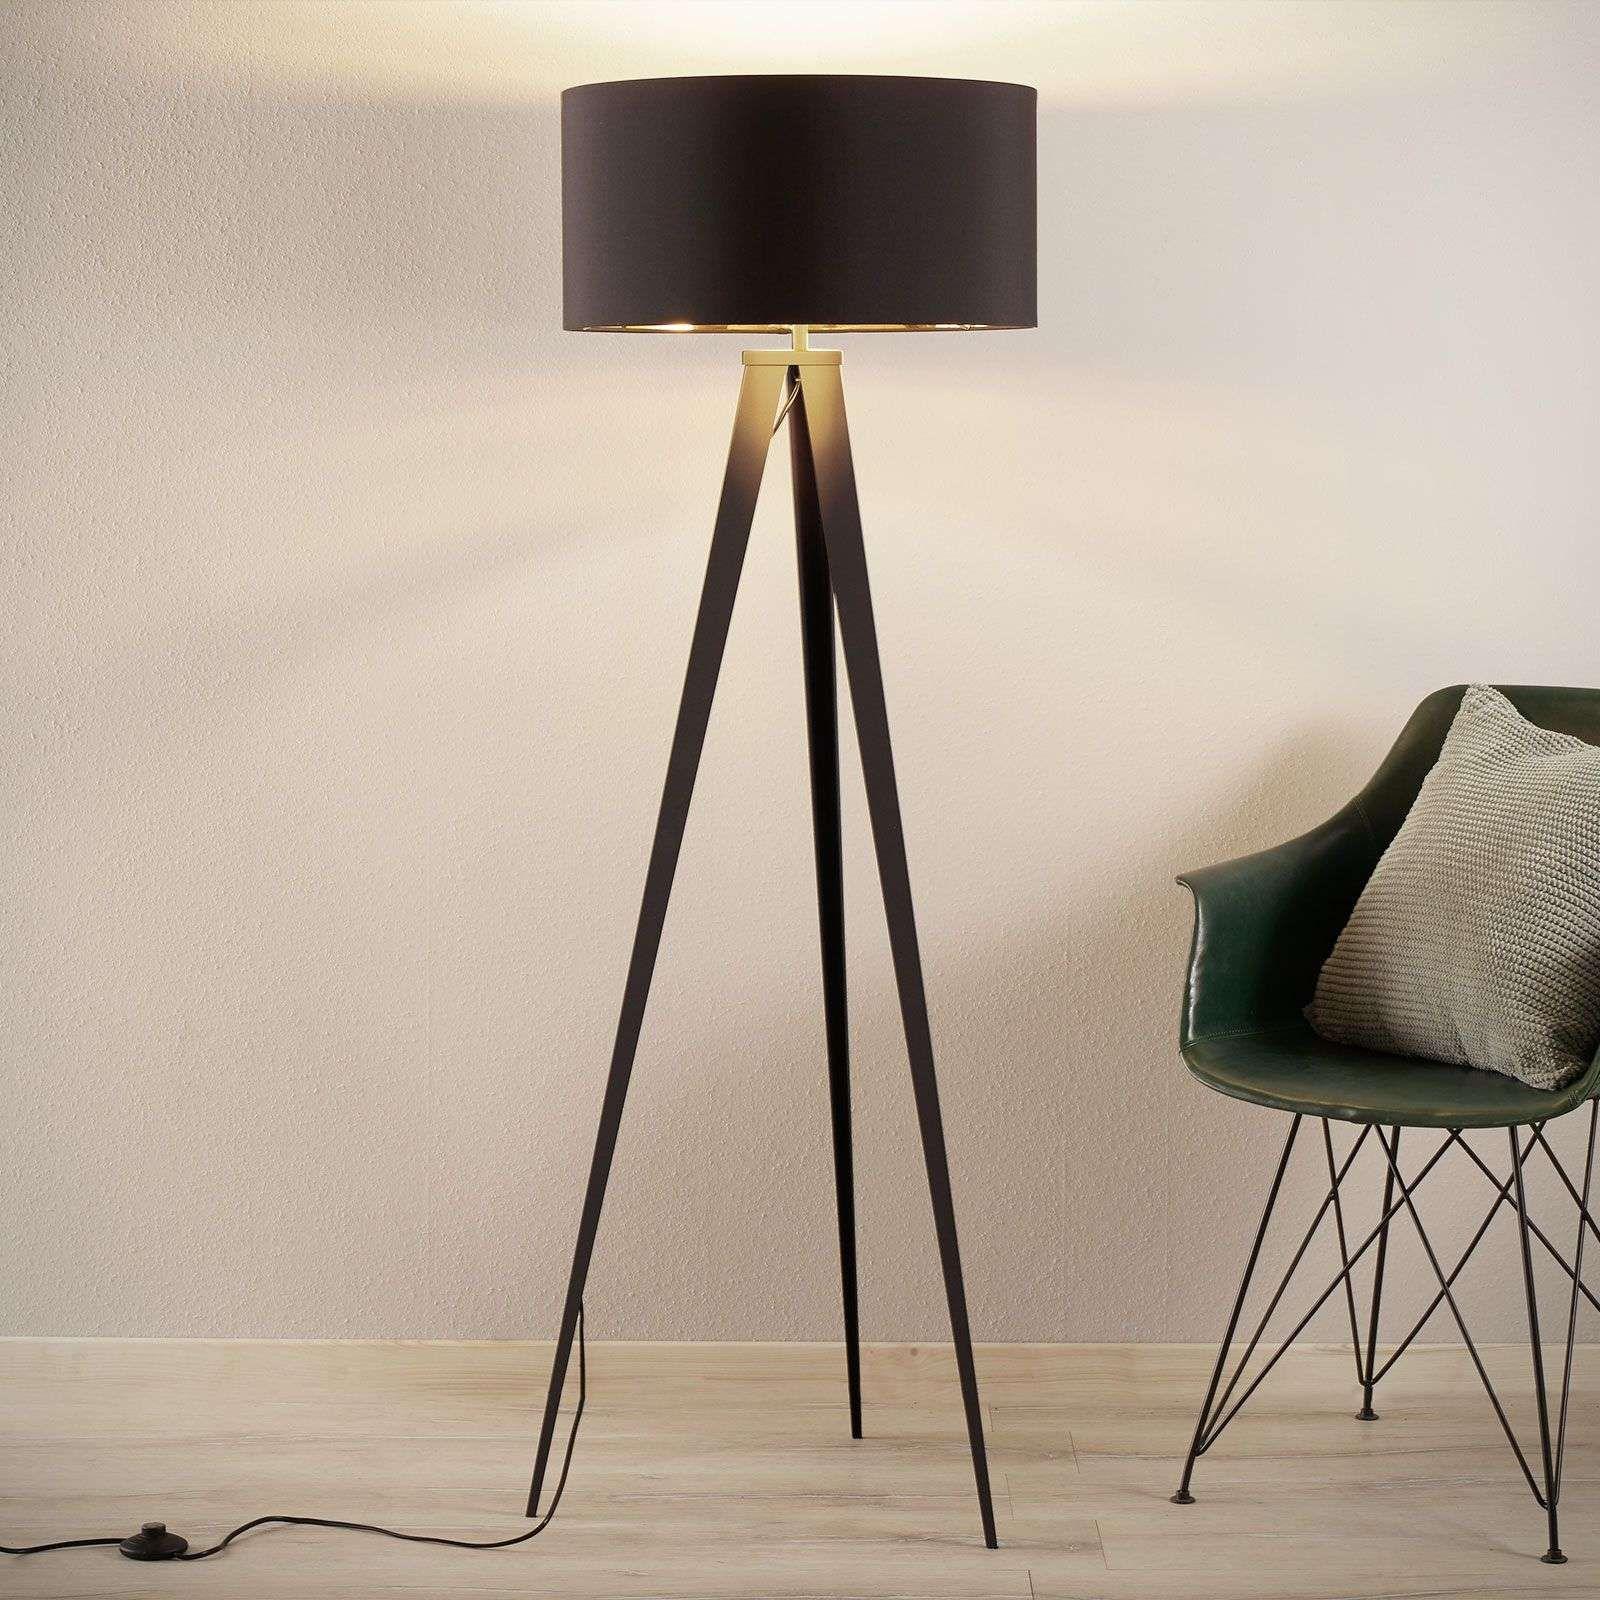 Stehlampe Benik Im Dreibeinlook Schwarz Gold Stehlampe